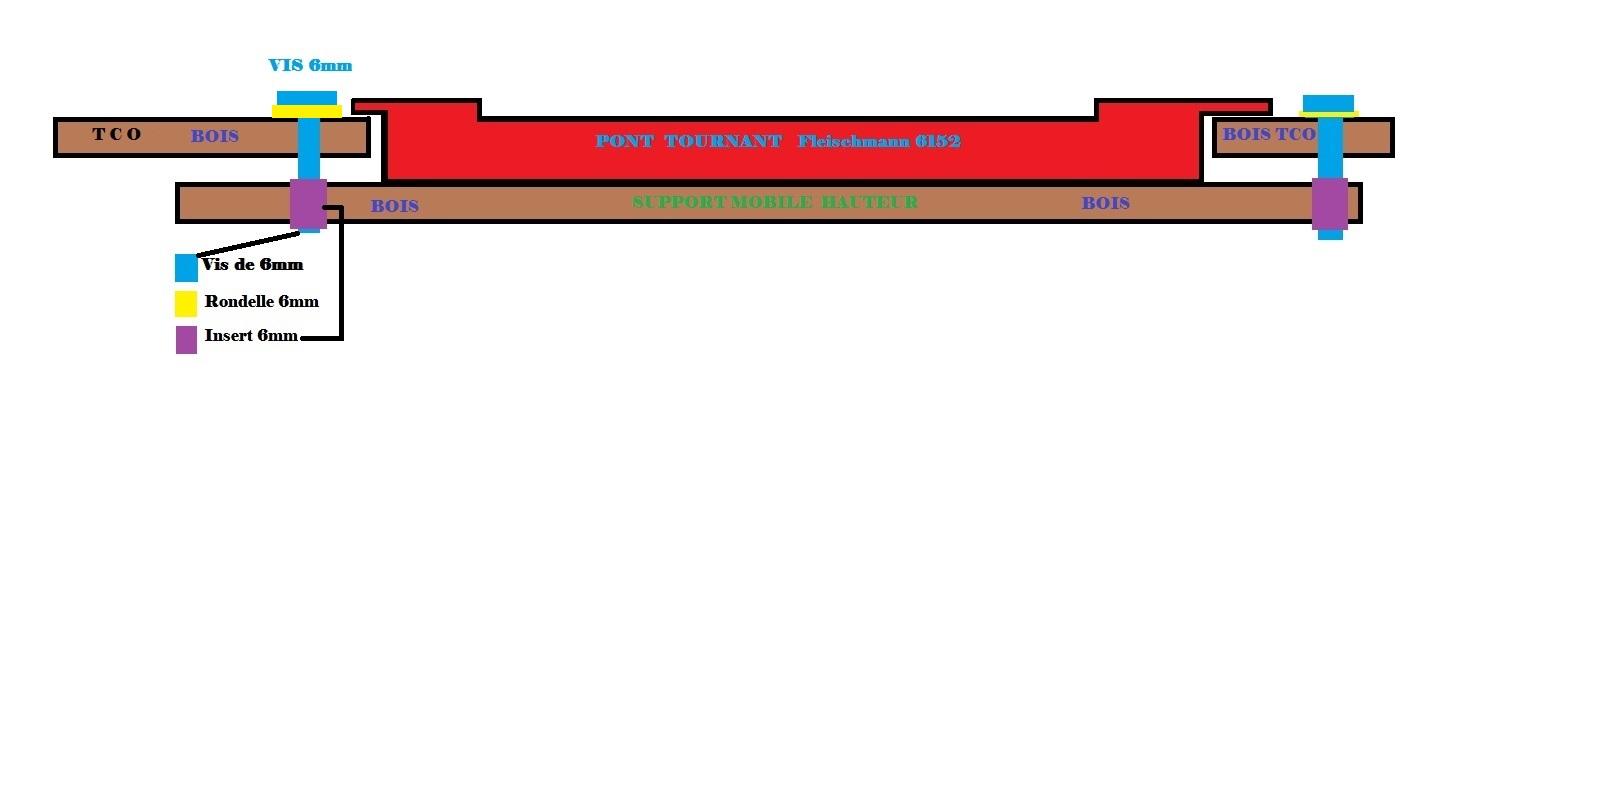 parer aux problèmes du Pont tournant Fleischmann  6152 C  Platea16